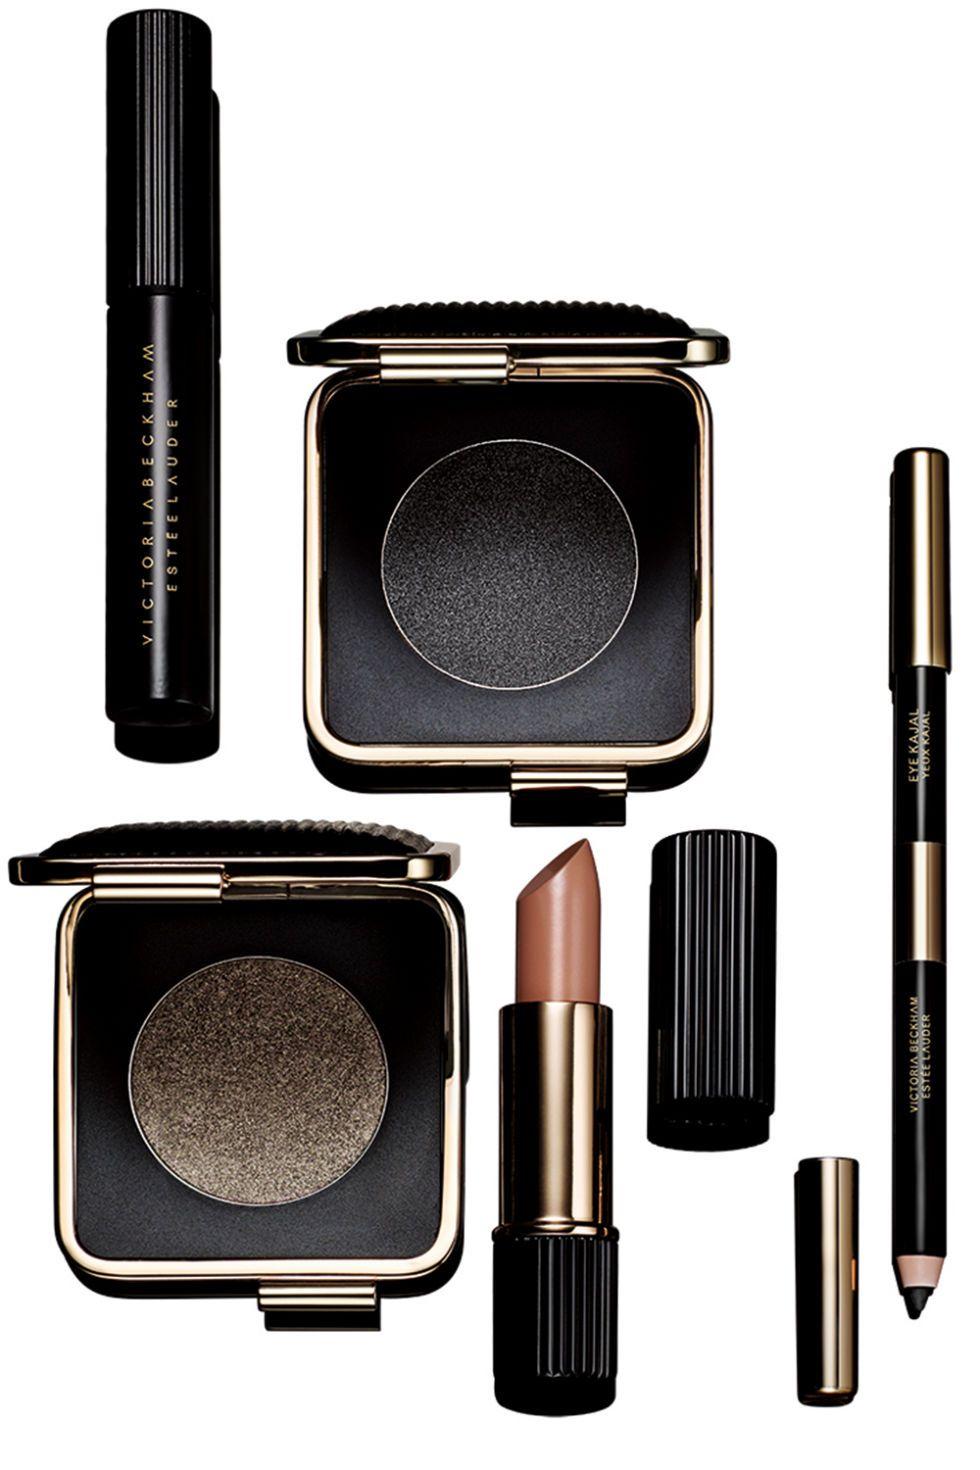 Victoria Beckham's Estée Lauder Makeup Collection is